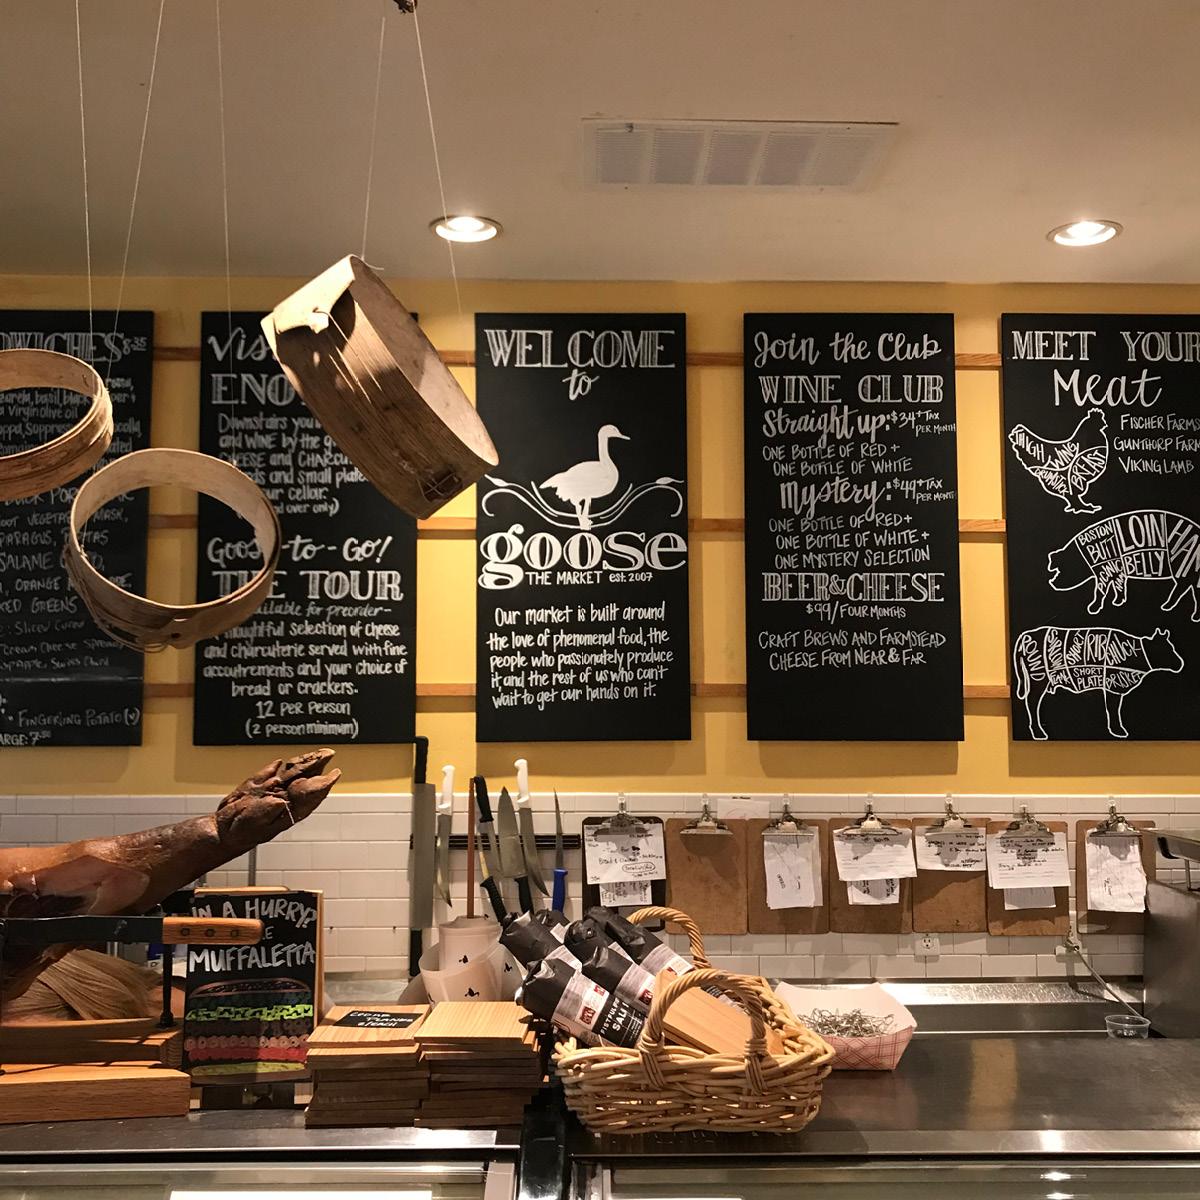 goose, goose the market, ham hock, market, deli, boards, menu